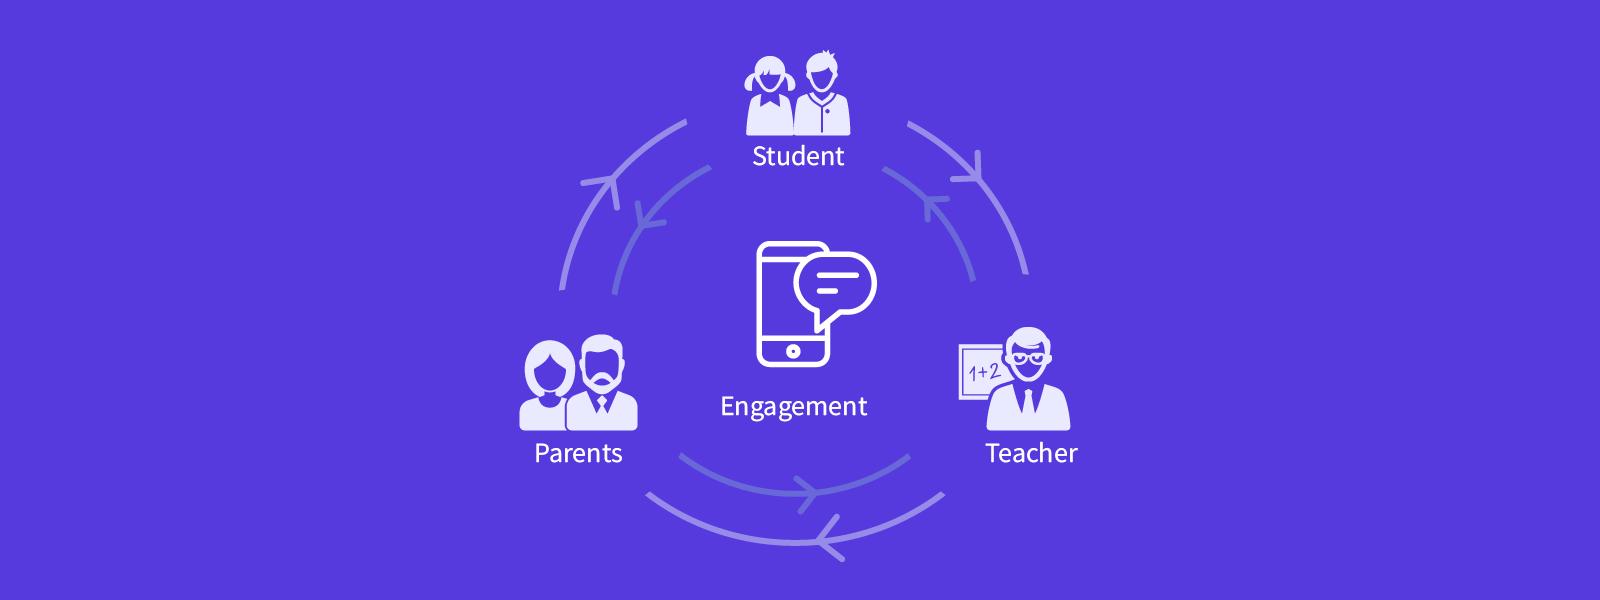 Engagement-parents-teacher-students